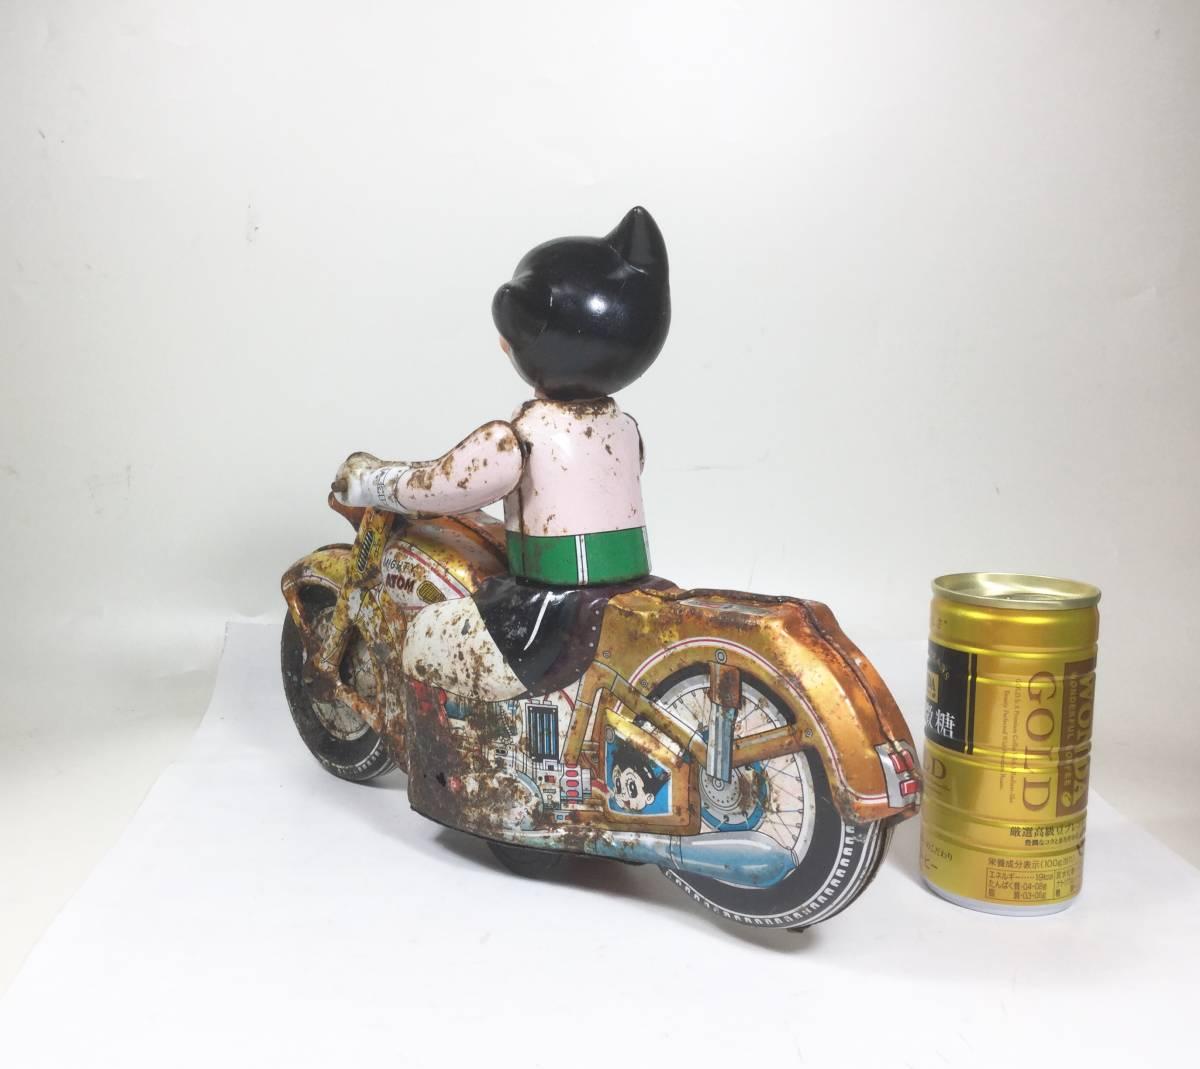 鉄腕アトム 浅草玩具 オートバイ 大型サイズ 1960年代 当時もの レトロ ビンテージ フリクション走行 バイク 虫プロ _画像5